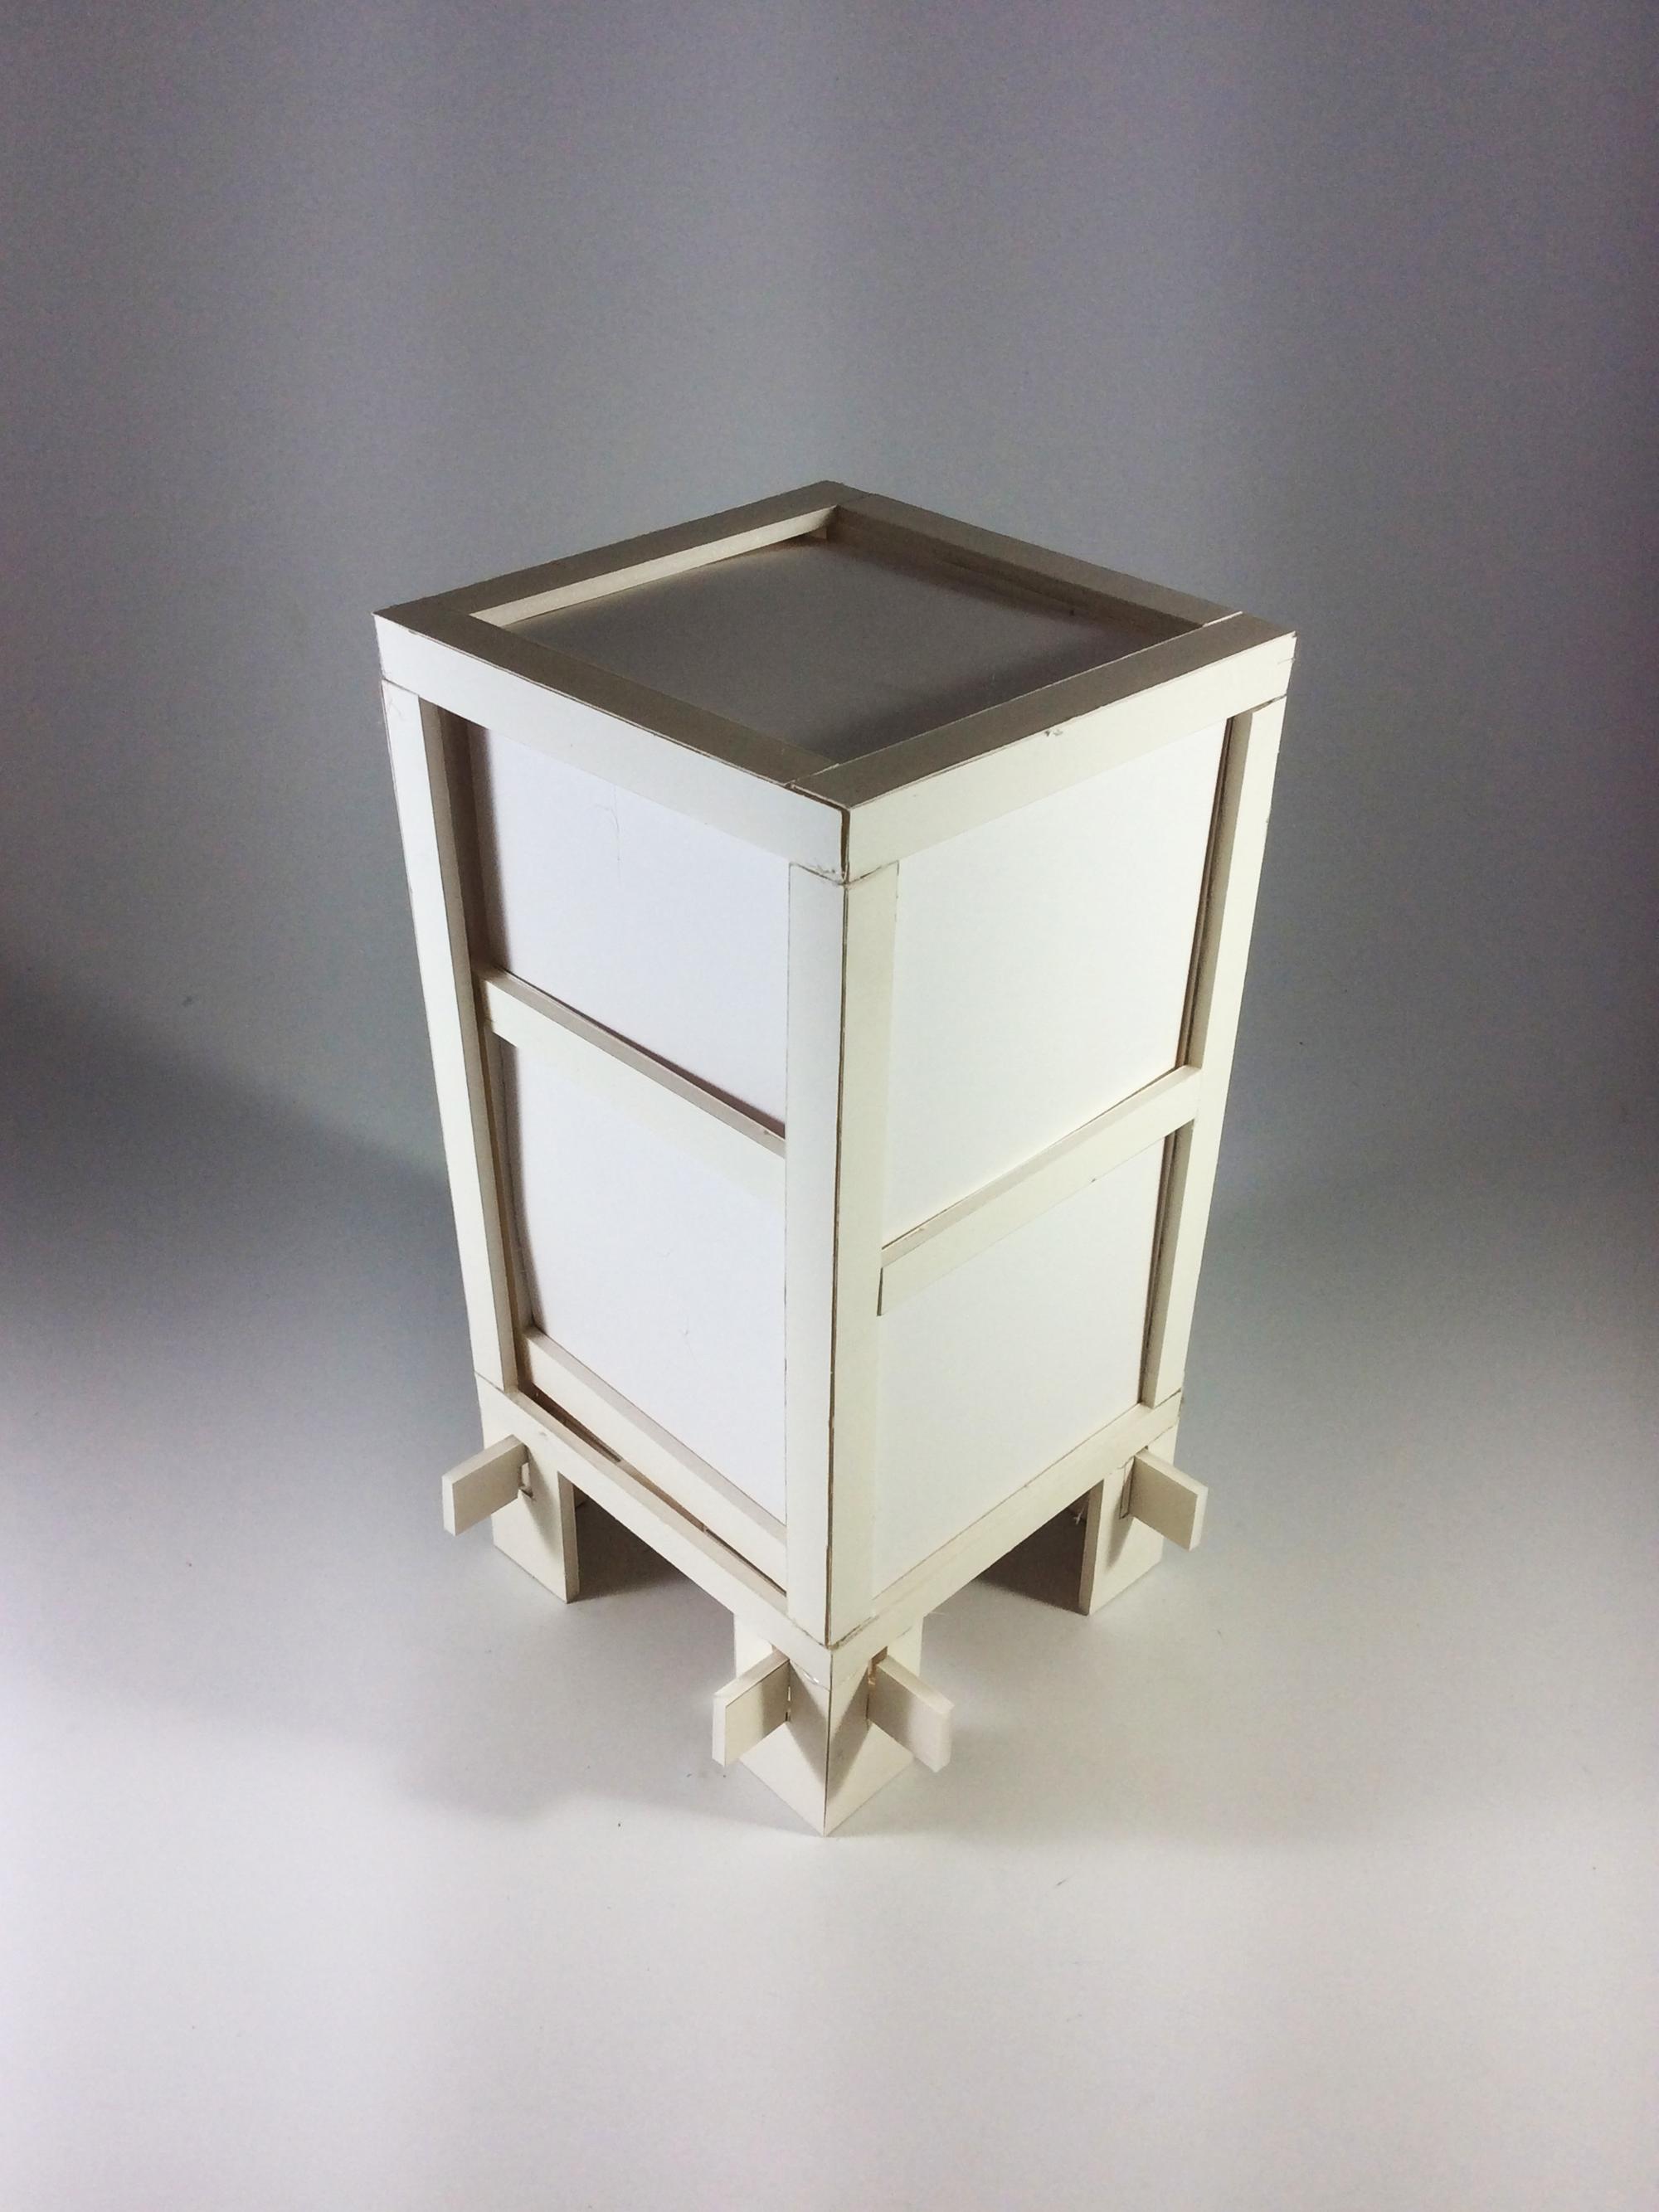 Foam Core Prototype